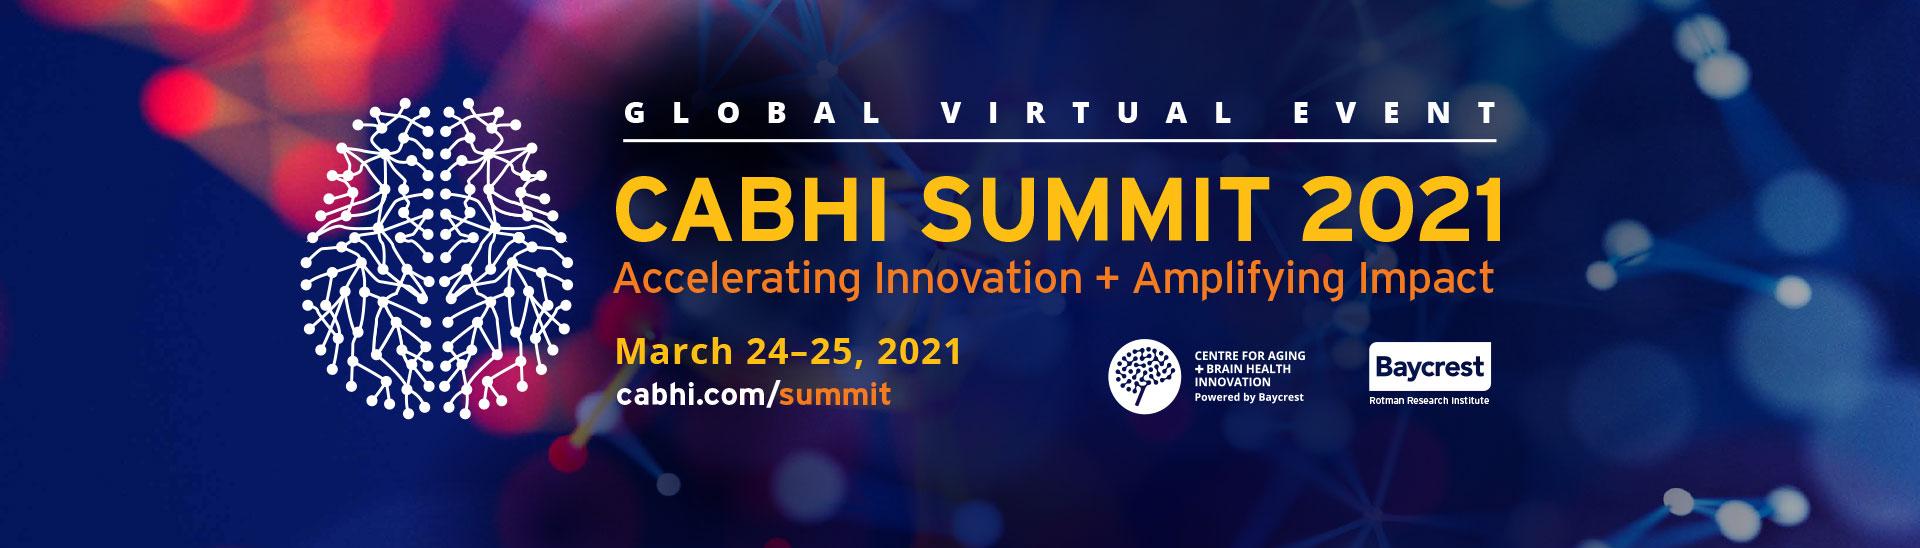 CABHI Summit 2021